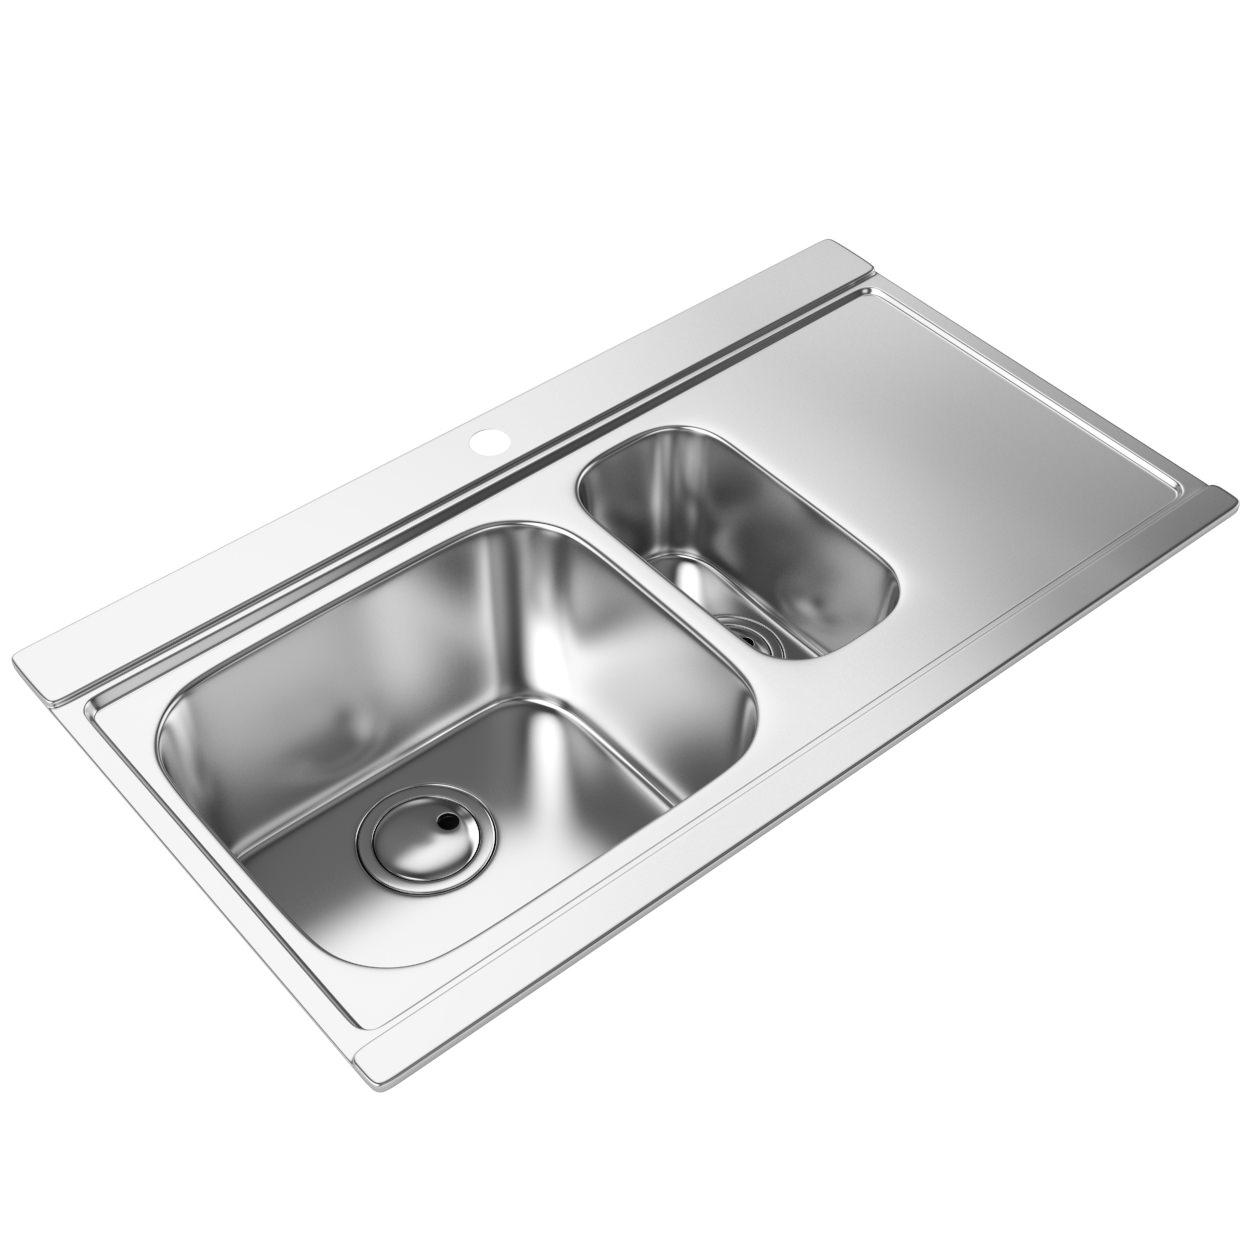 Abode maxim 15 bowl kitchen sink aw5035 abode maxim 15 bowl kitchen sink aw5035 aw5036 workwithnaturefo